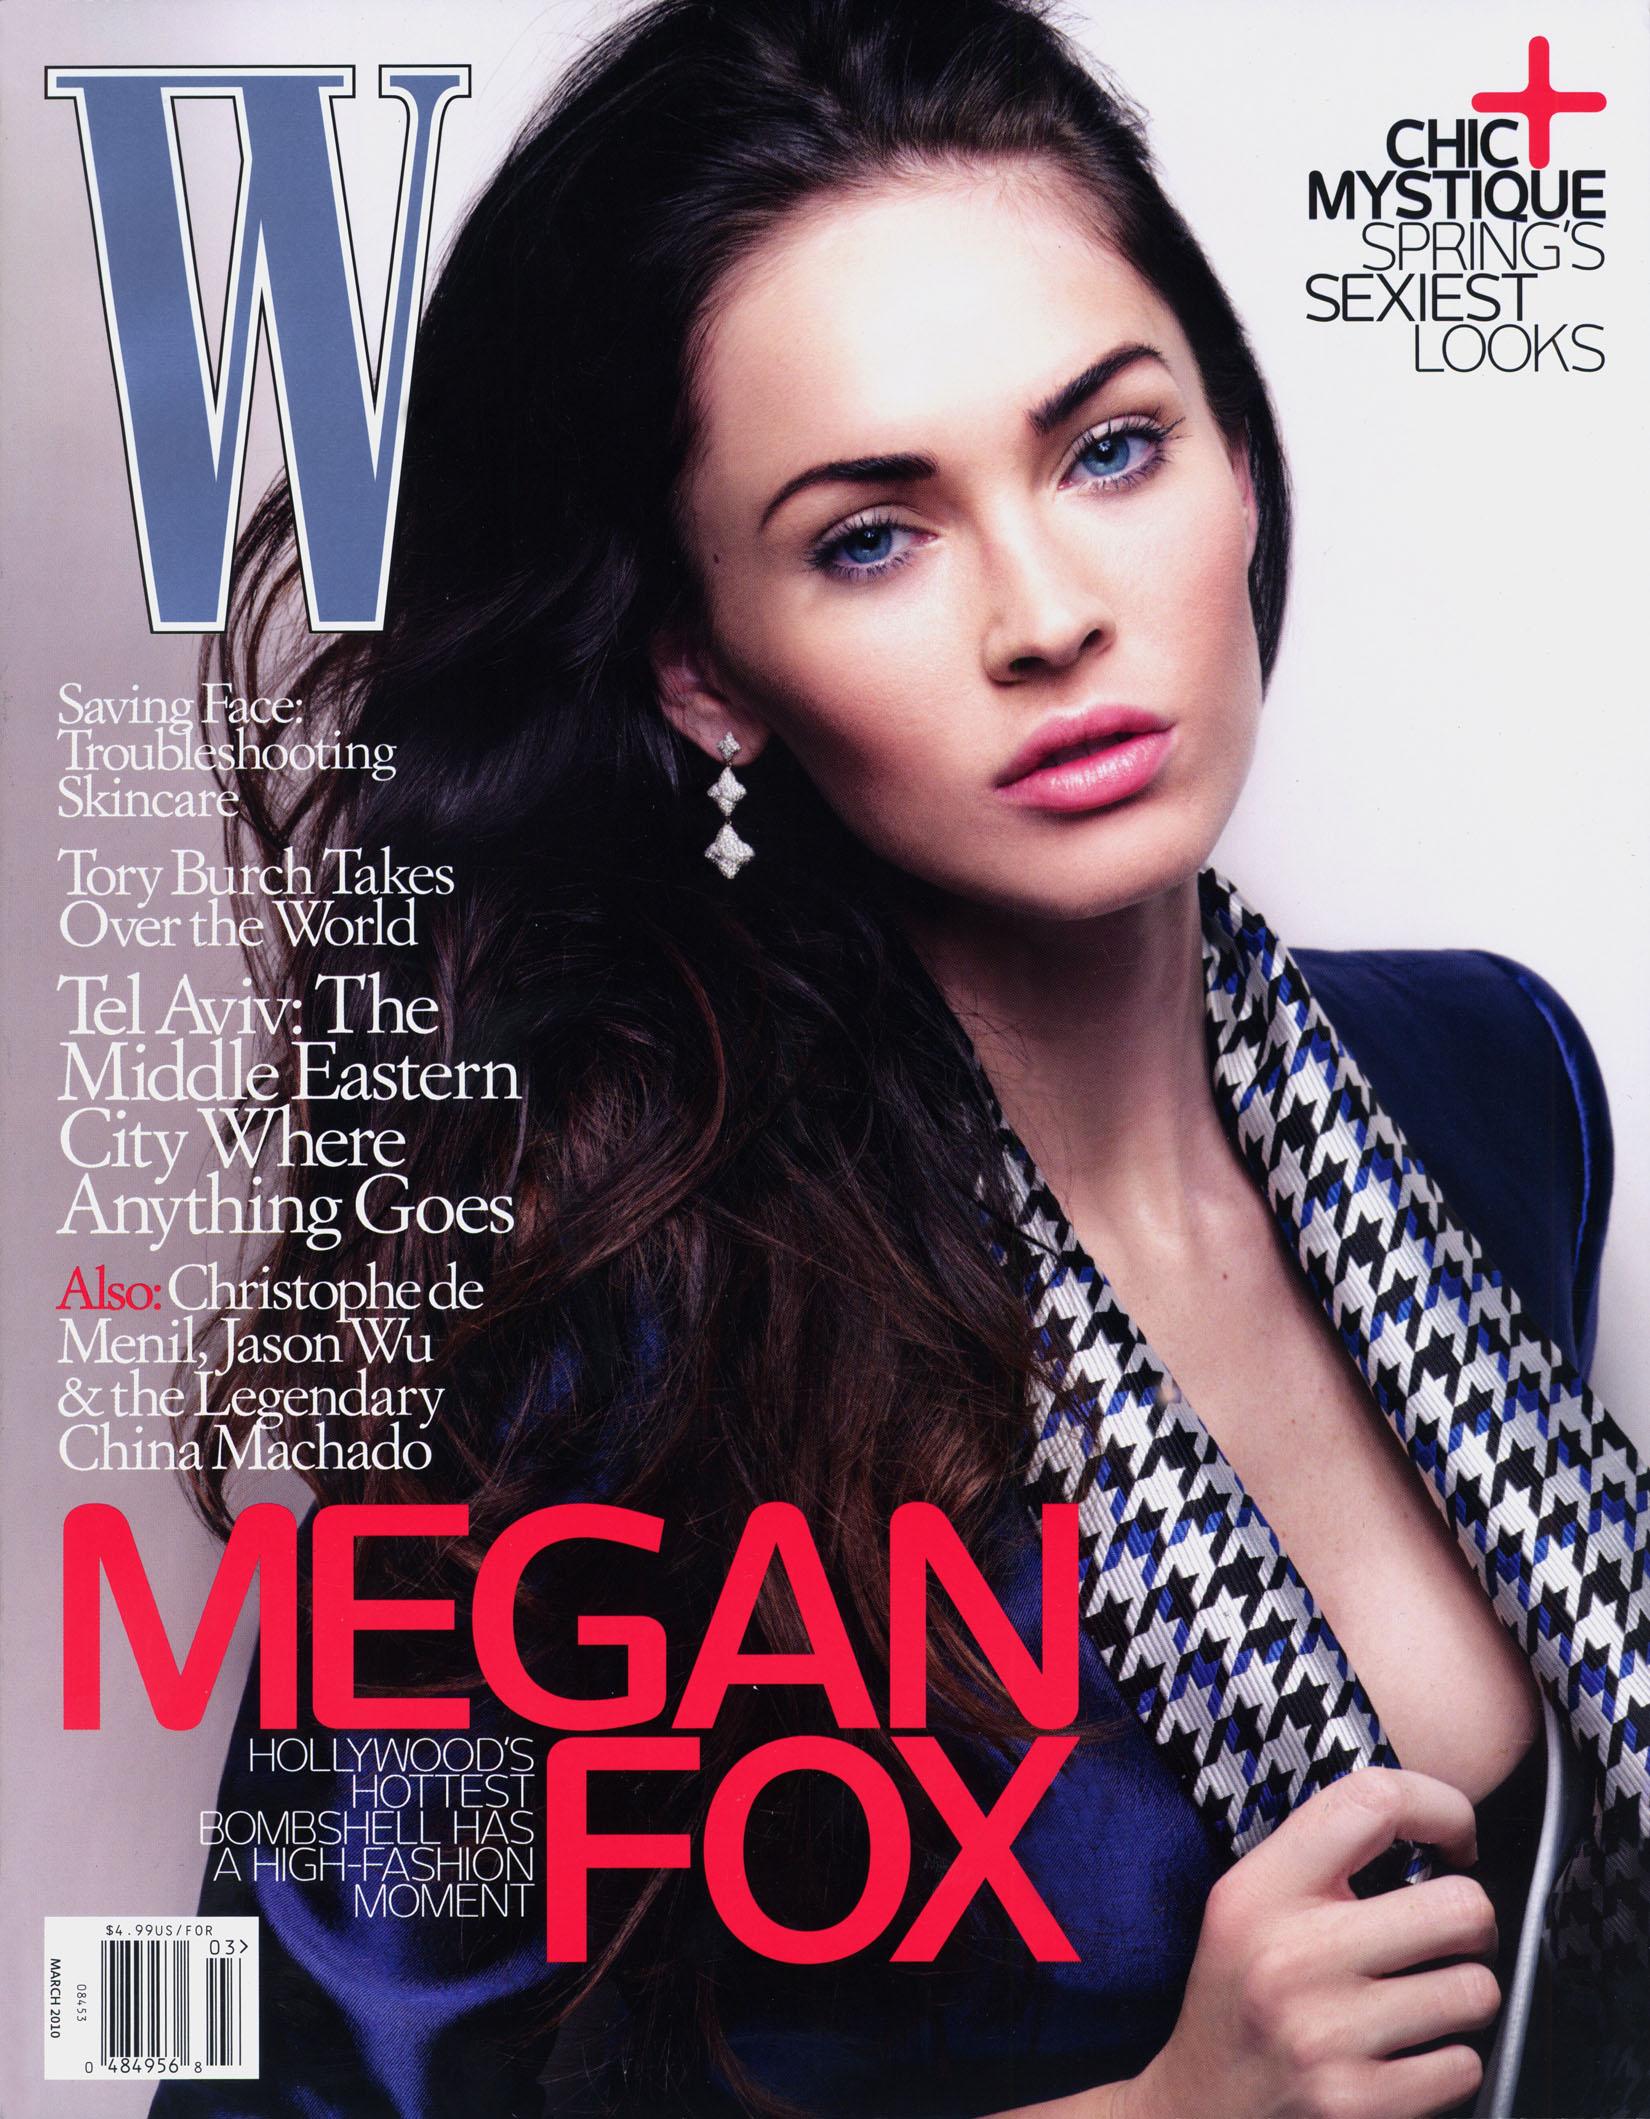 22640_Megan_Fox_122_492lo.jpg